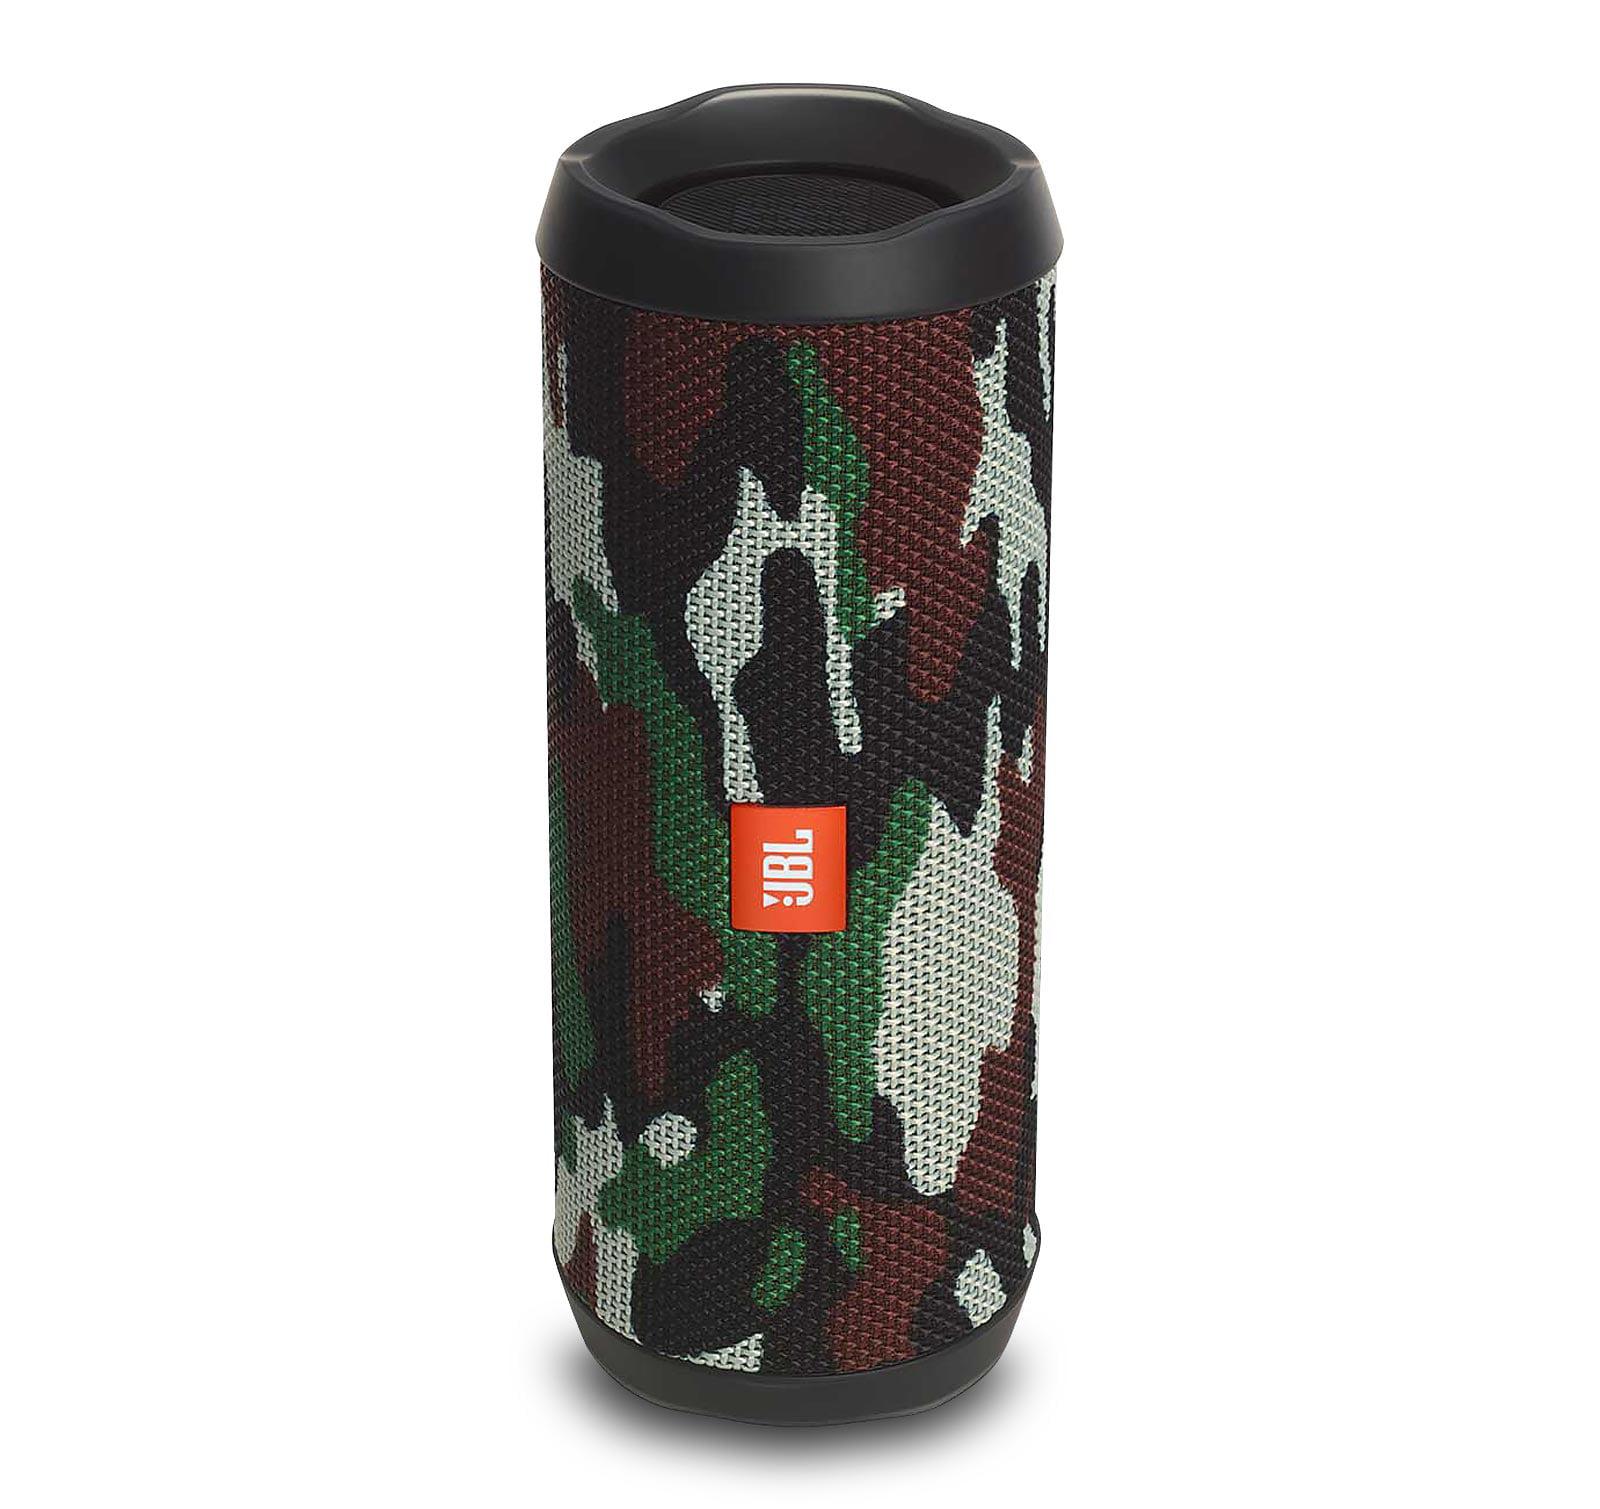 JBL FLIP 4 Camouflage Open Box Portable Bluetooth Speaker